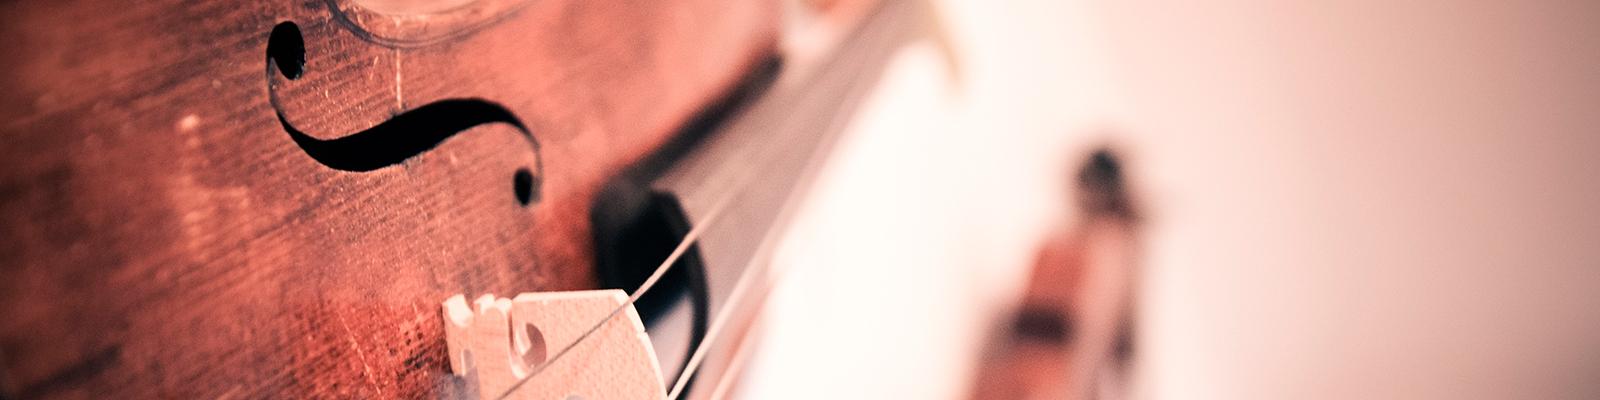 violin-338518